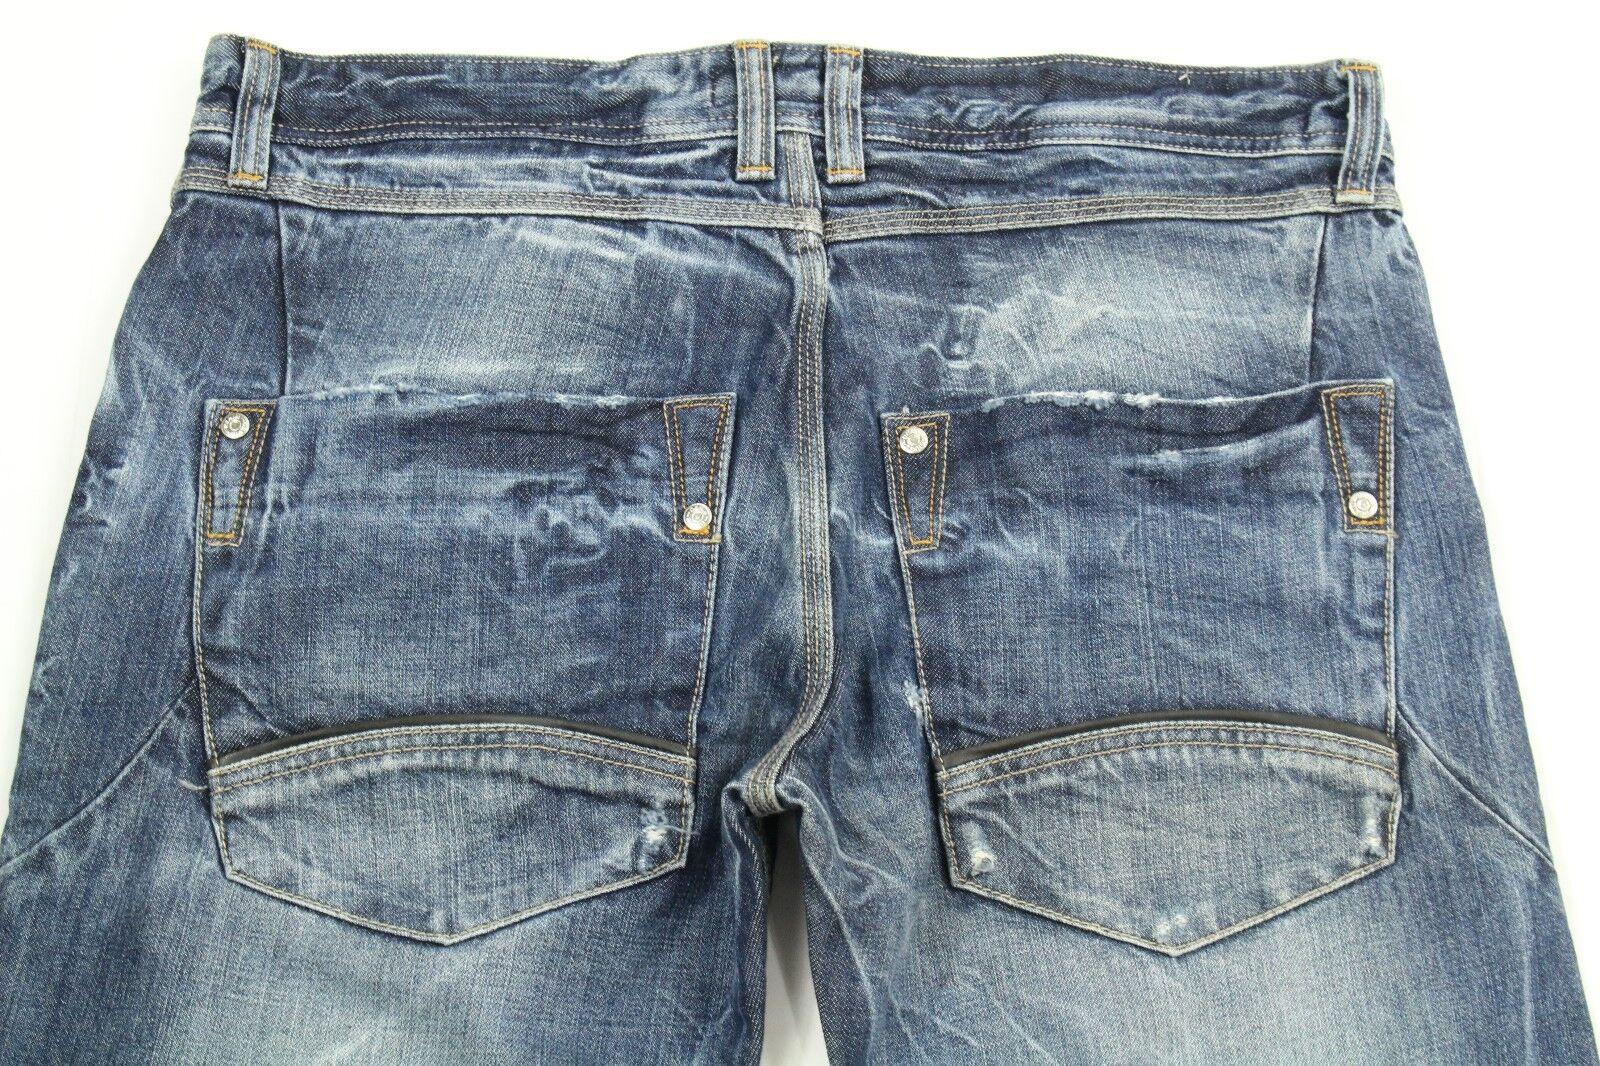 Martin Kiste Herren Jeans Distressed Stiefelcut Jeans Größe 50 (Us 34)  | Toy Story  | Angenehmes Gefühl  | Queensland